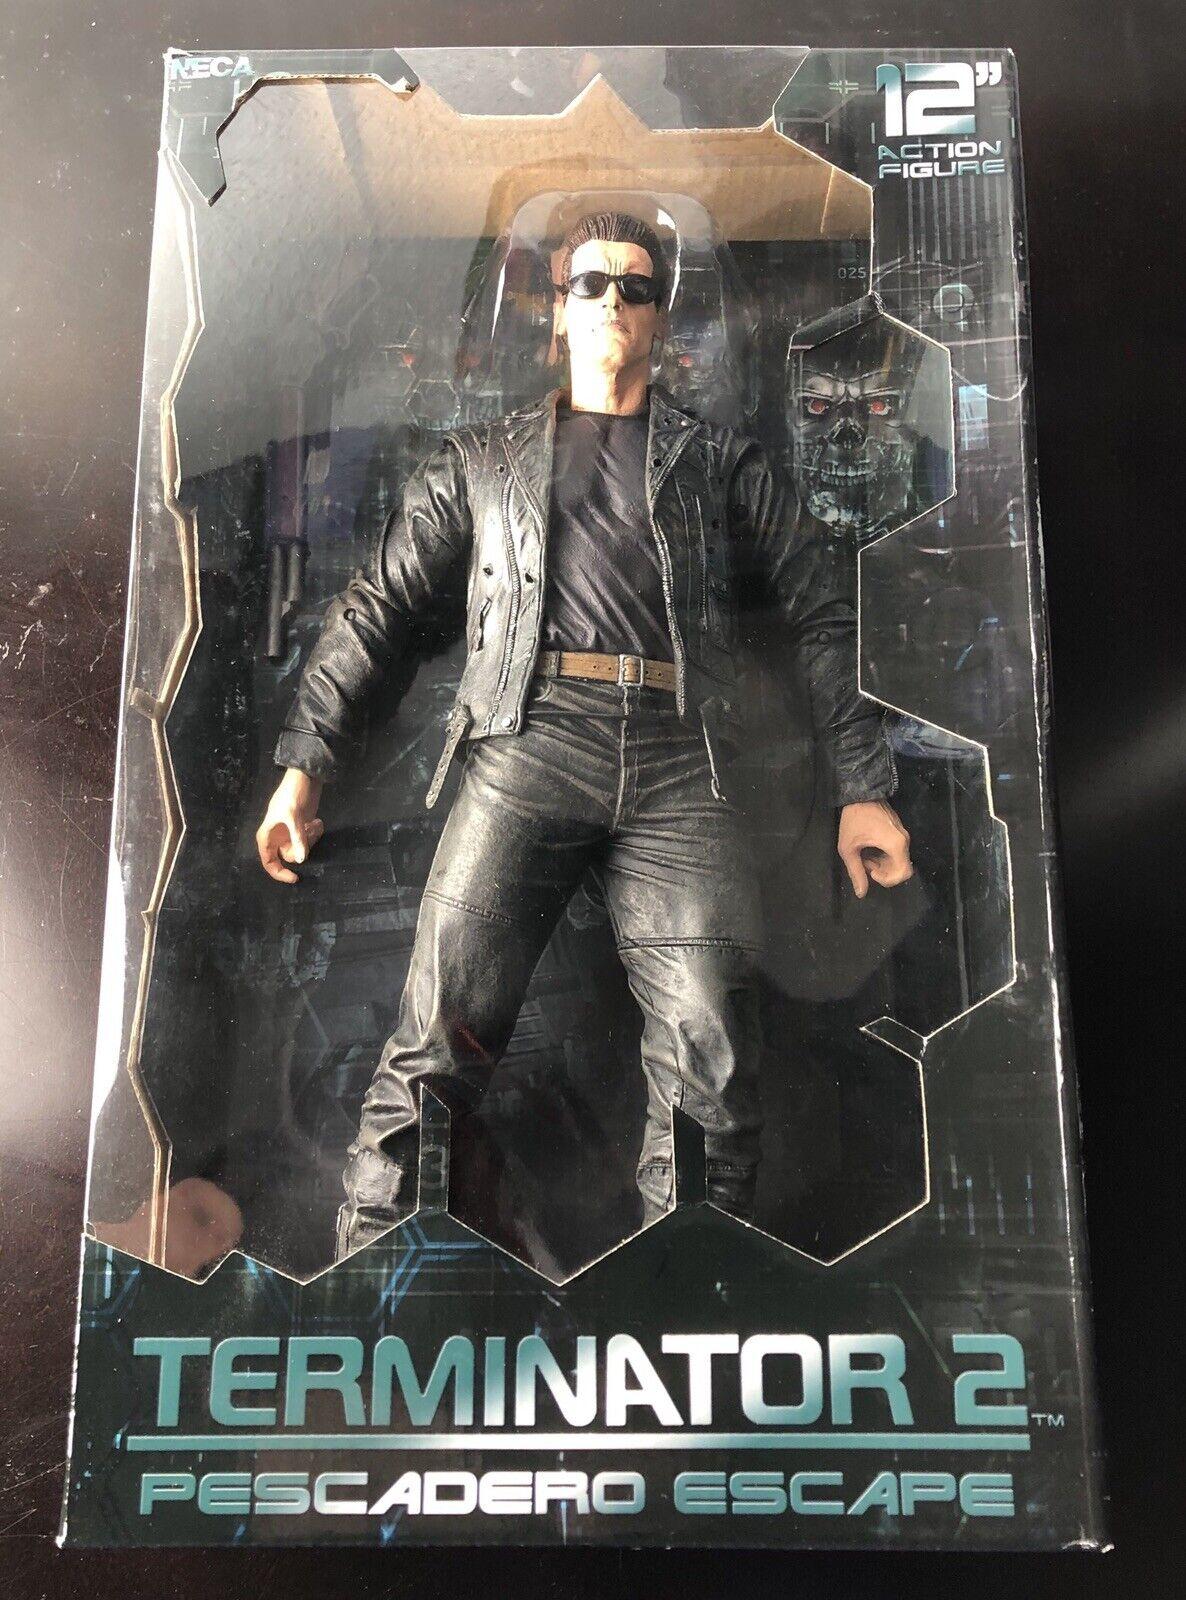 Nuevo Neca Figura Terminator 2 T-800 Pescadero Escape 12 pulgadas 1 6 3 juicio día